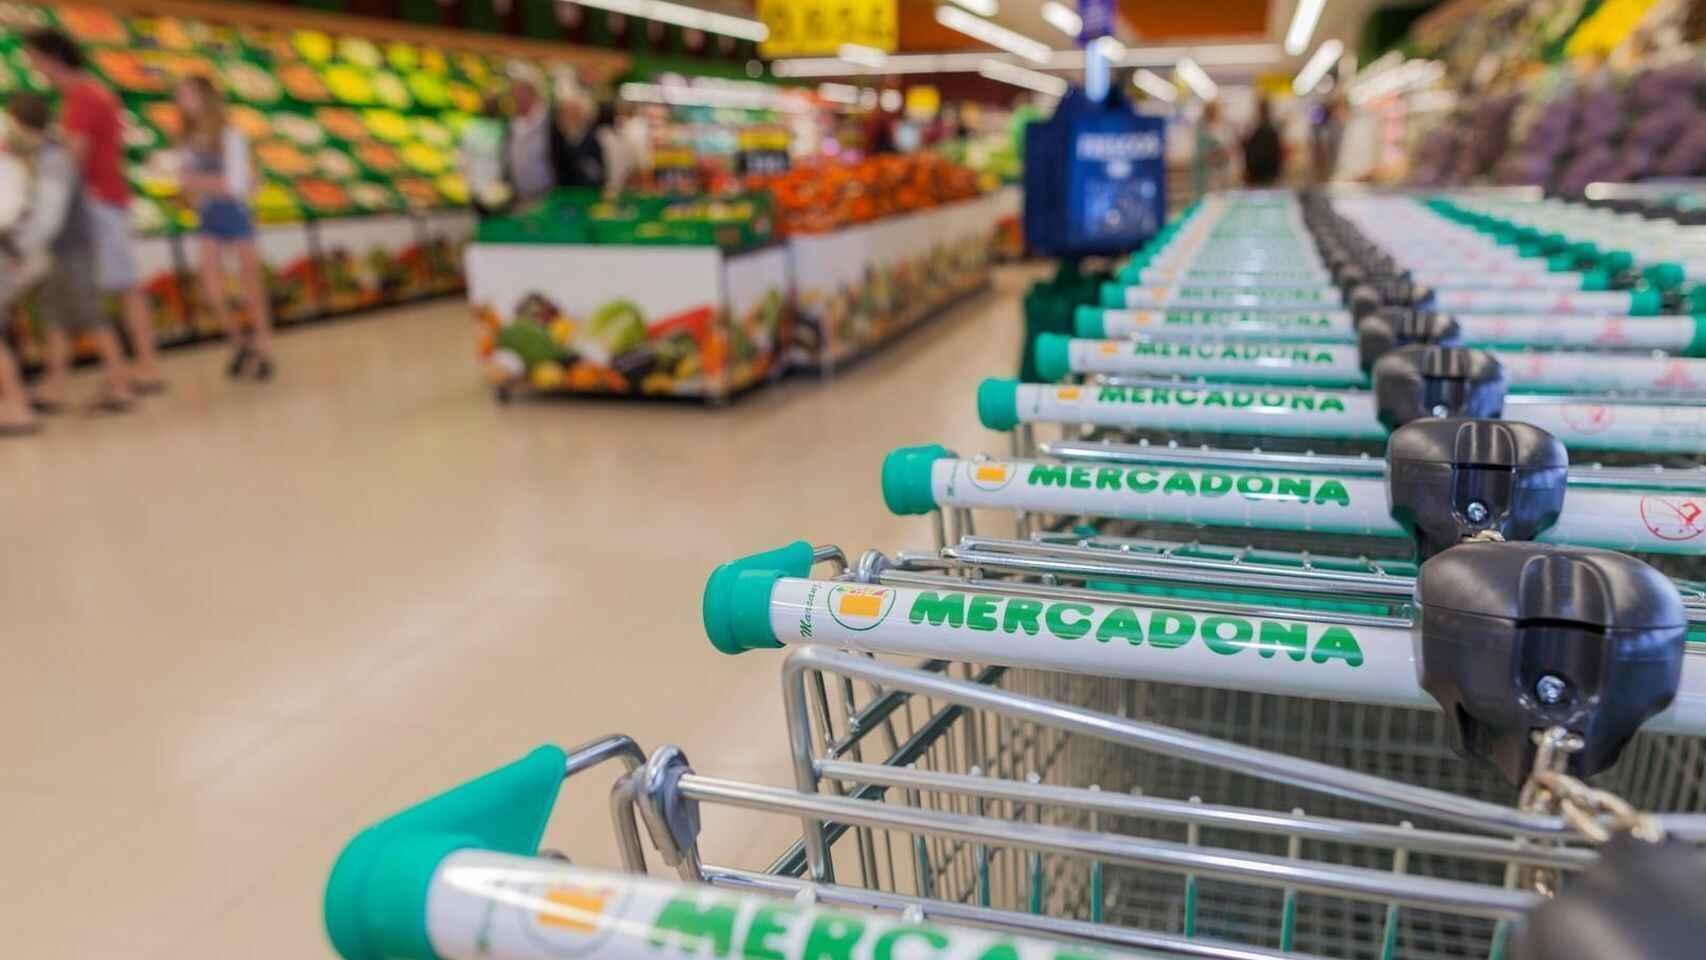 Los supermercados facturaron 3.100 millones más en 2020 gracias a la pandemia